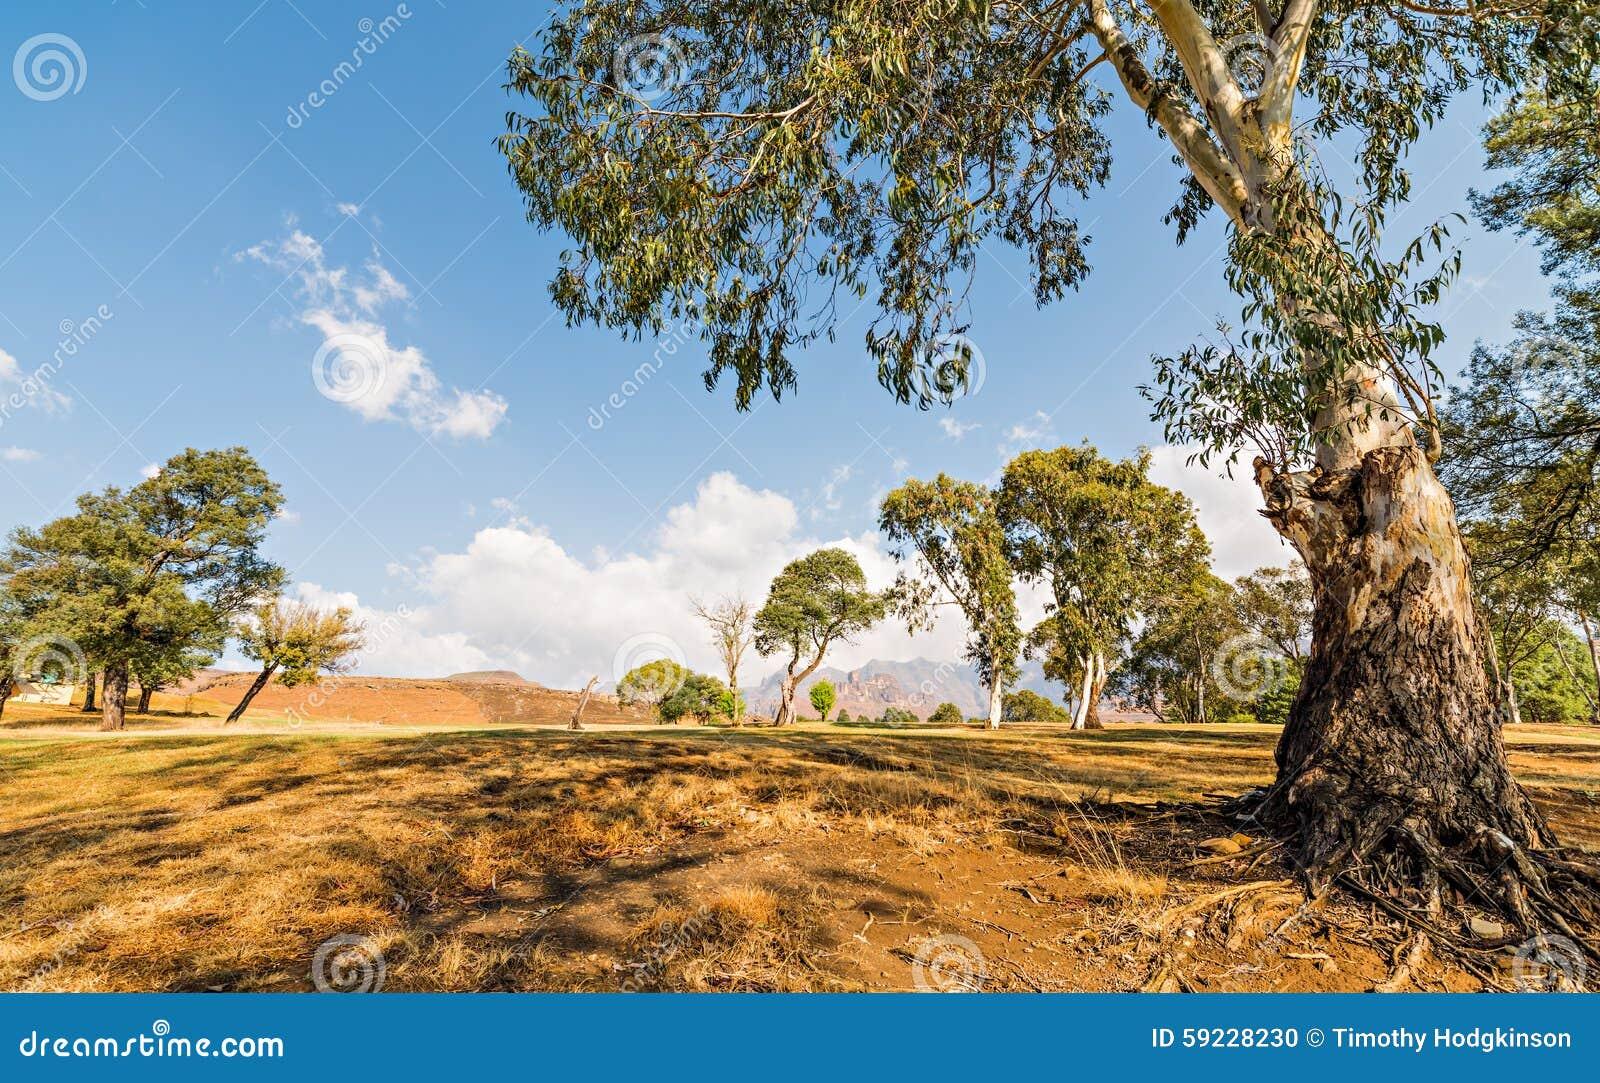 Download Árbol de eucalipto foto de archivo. Imagen de hiking - 59228230